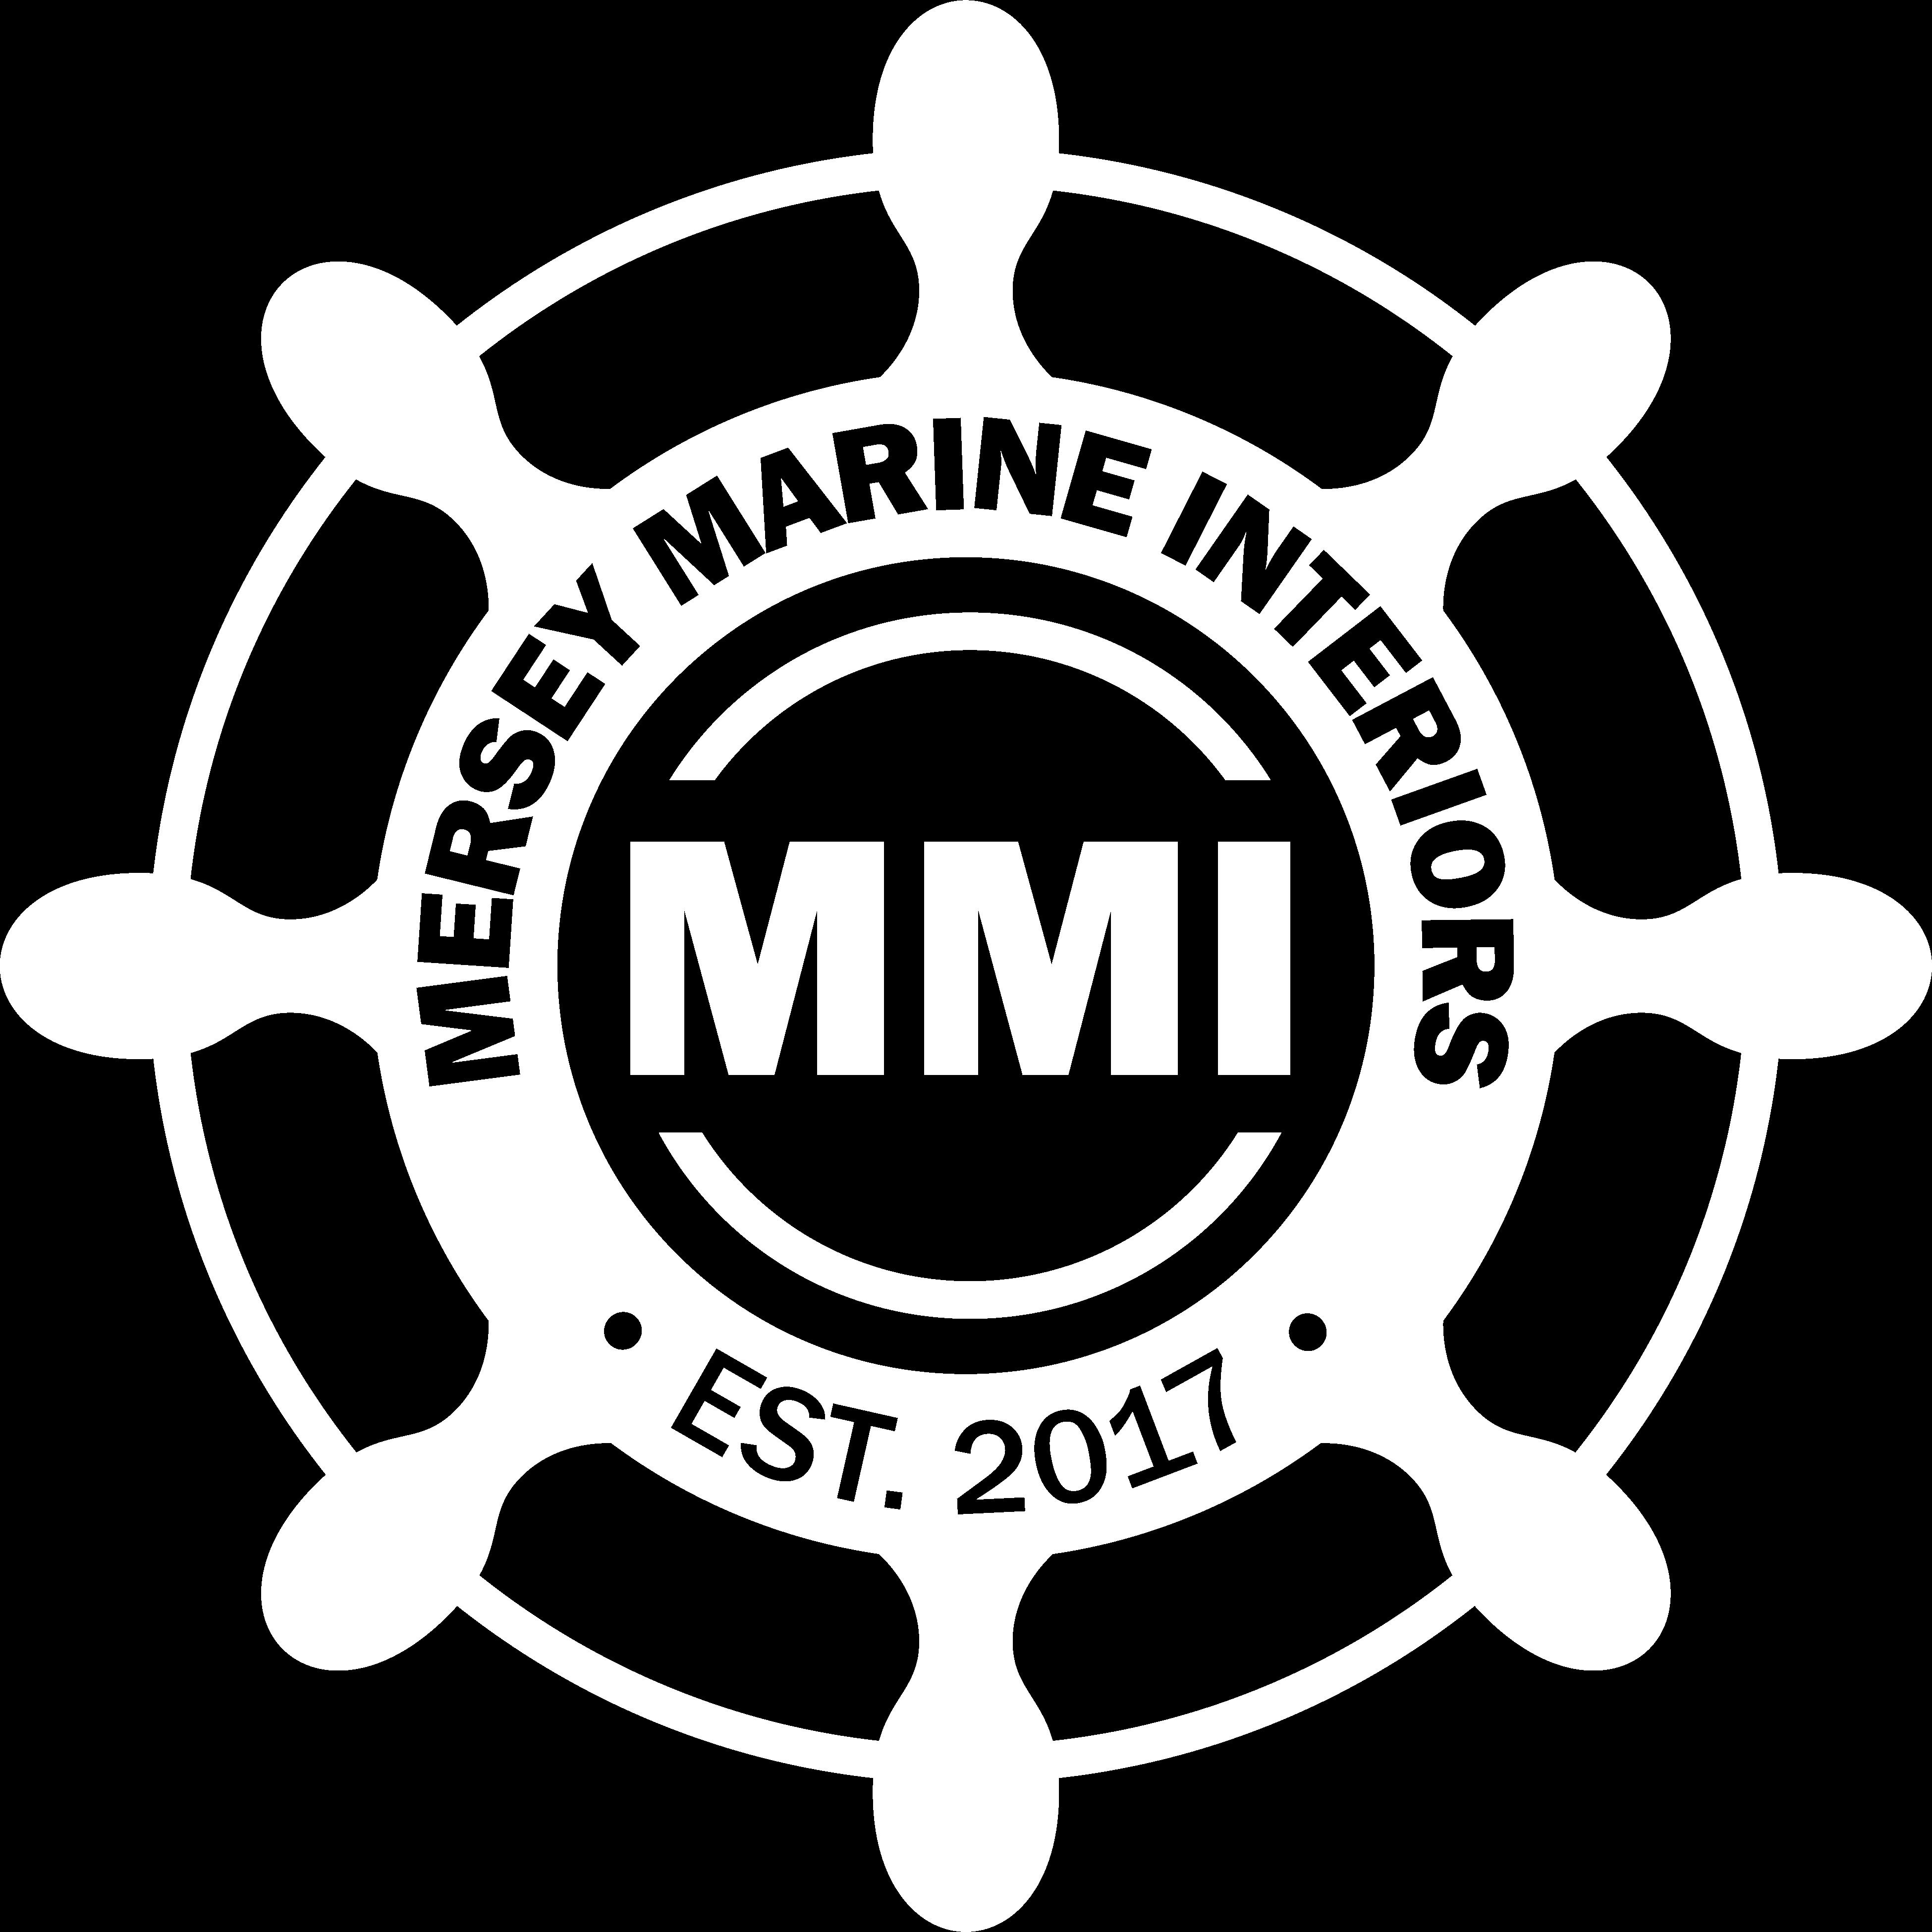 Mersey Marine Interiors